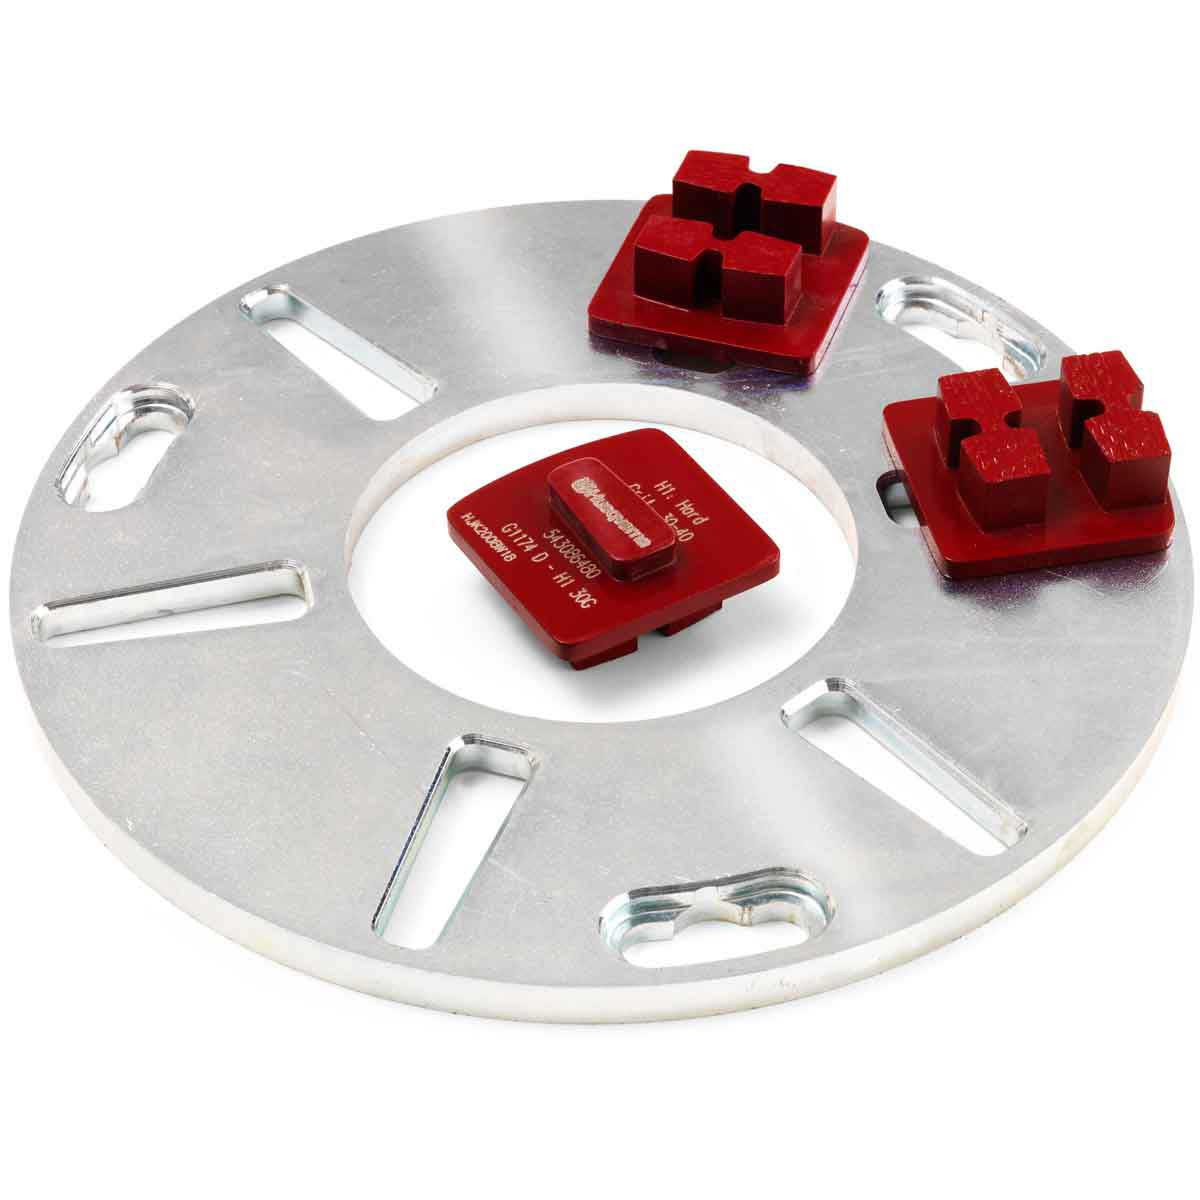 Husqvarna Redi Lock G 1170 3-pack